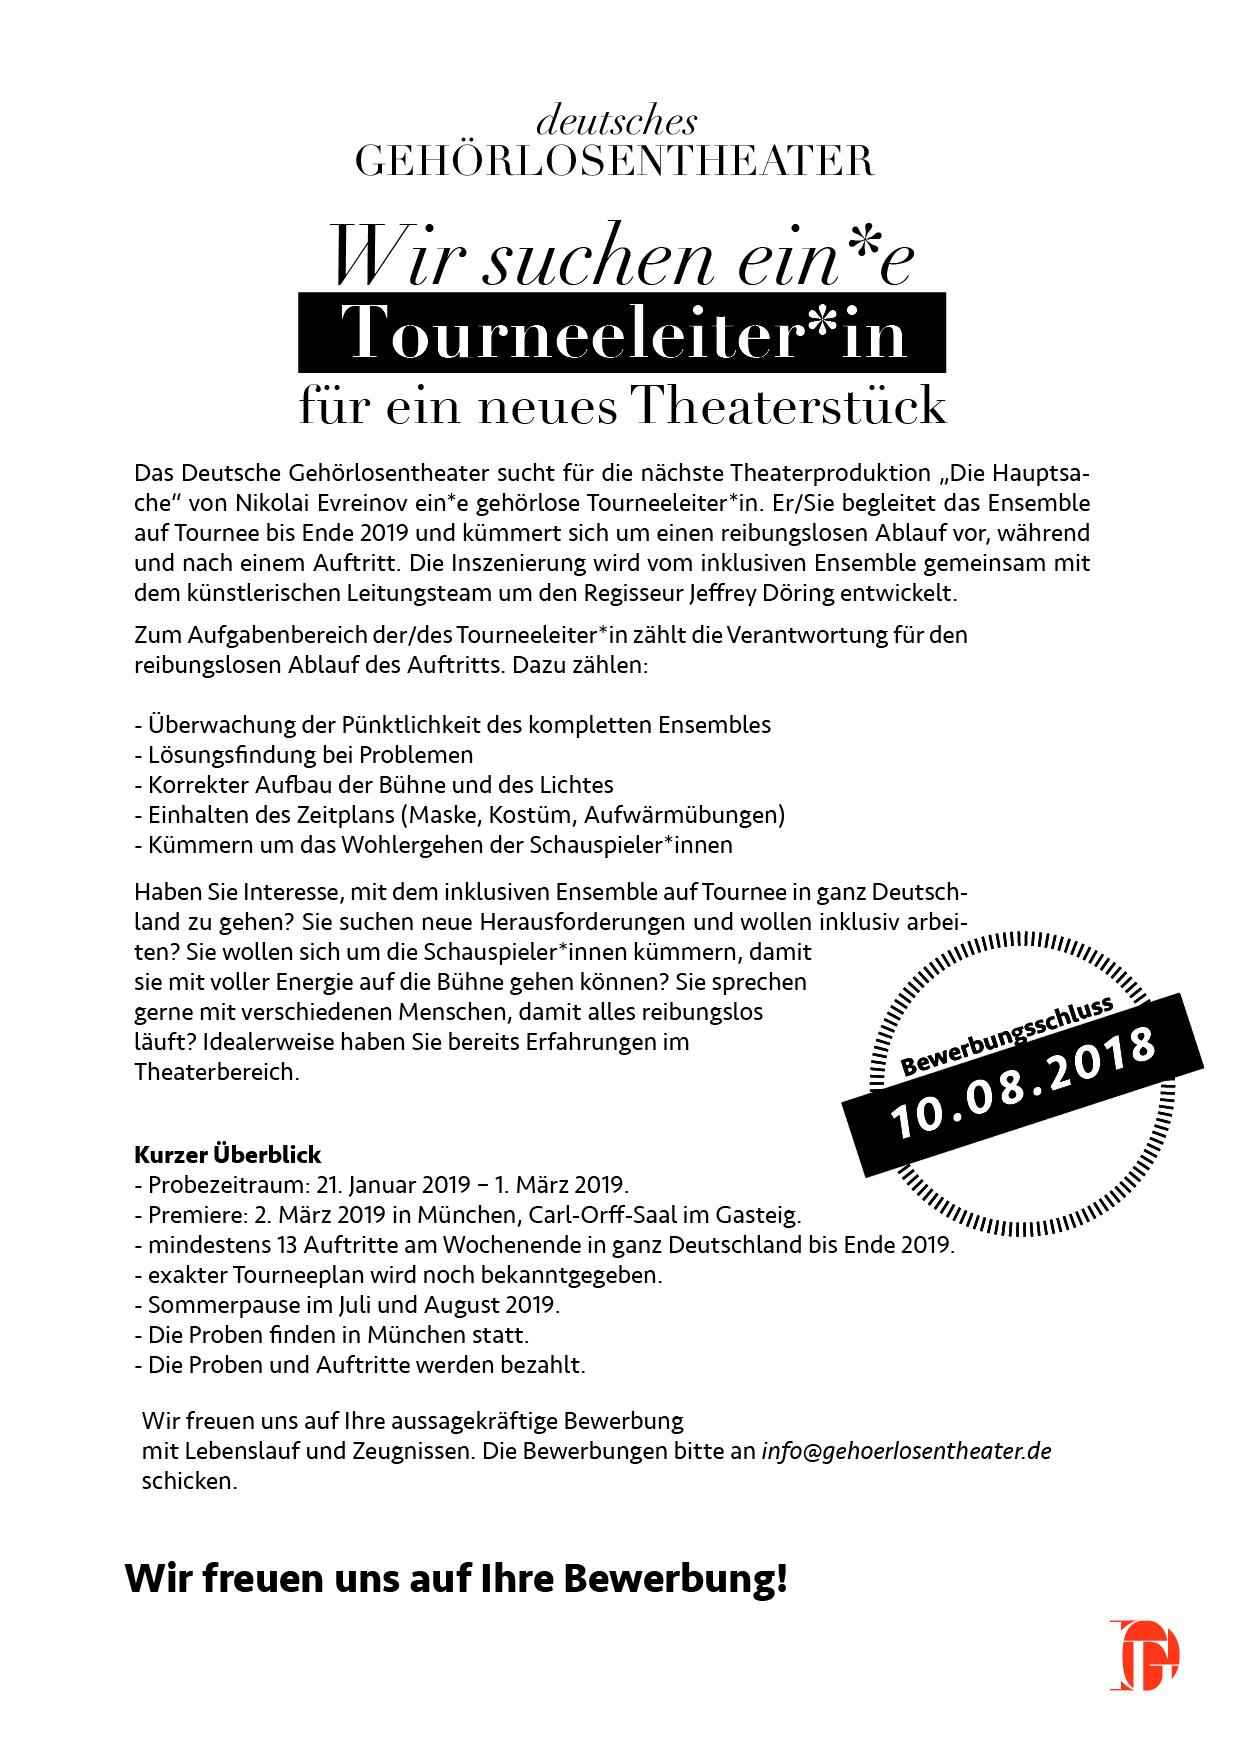 Charmant Schauspieler Lebenslauf Proben Fotos - Entry Level Resume ...